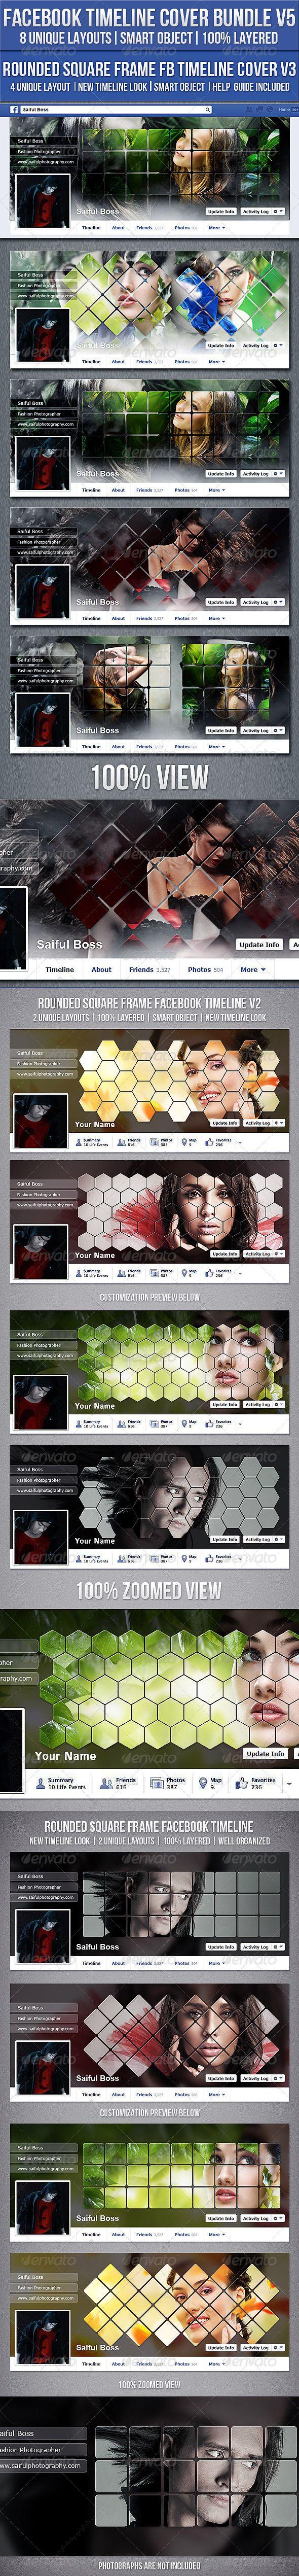 Timeline Cover Bundle V5